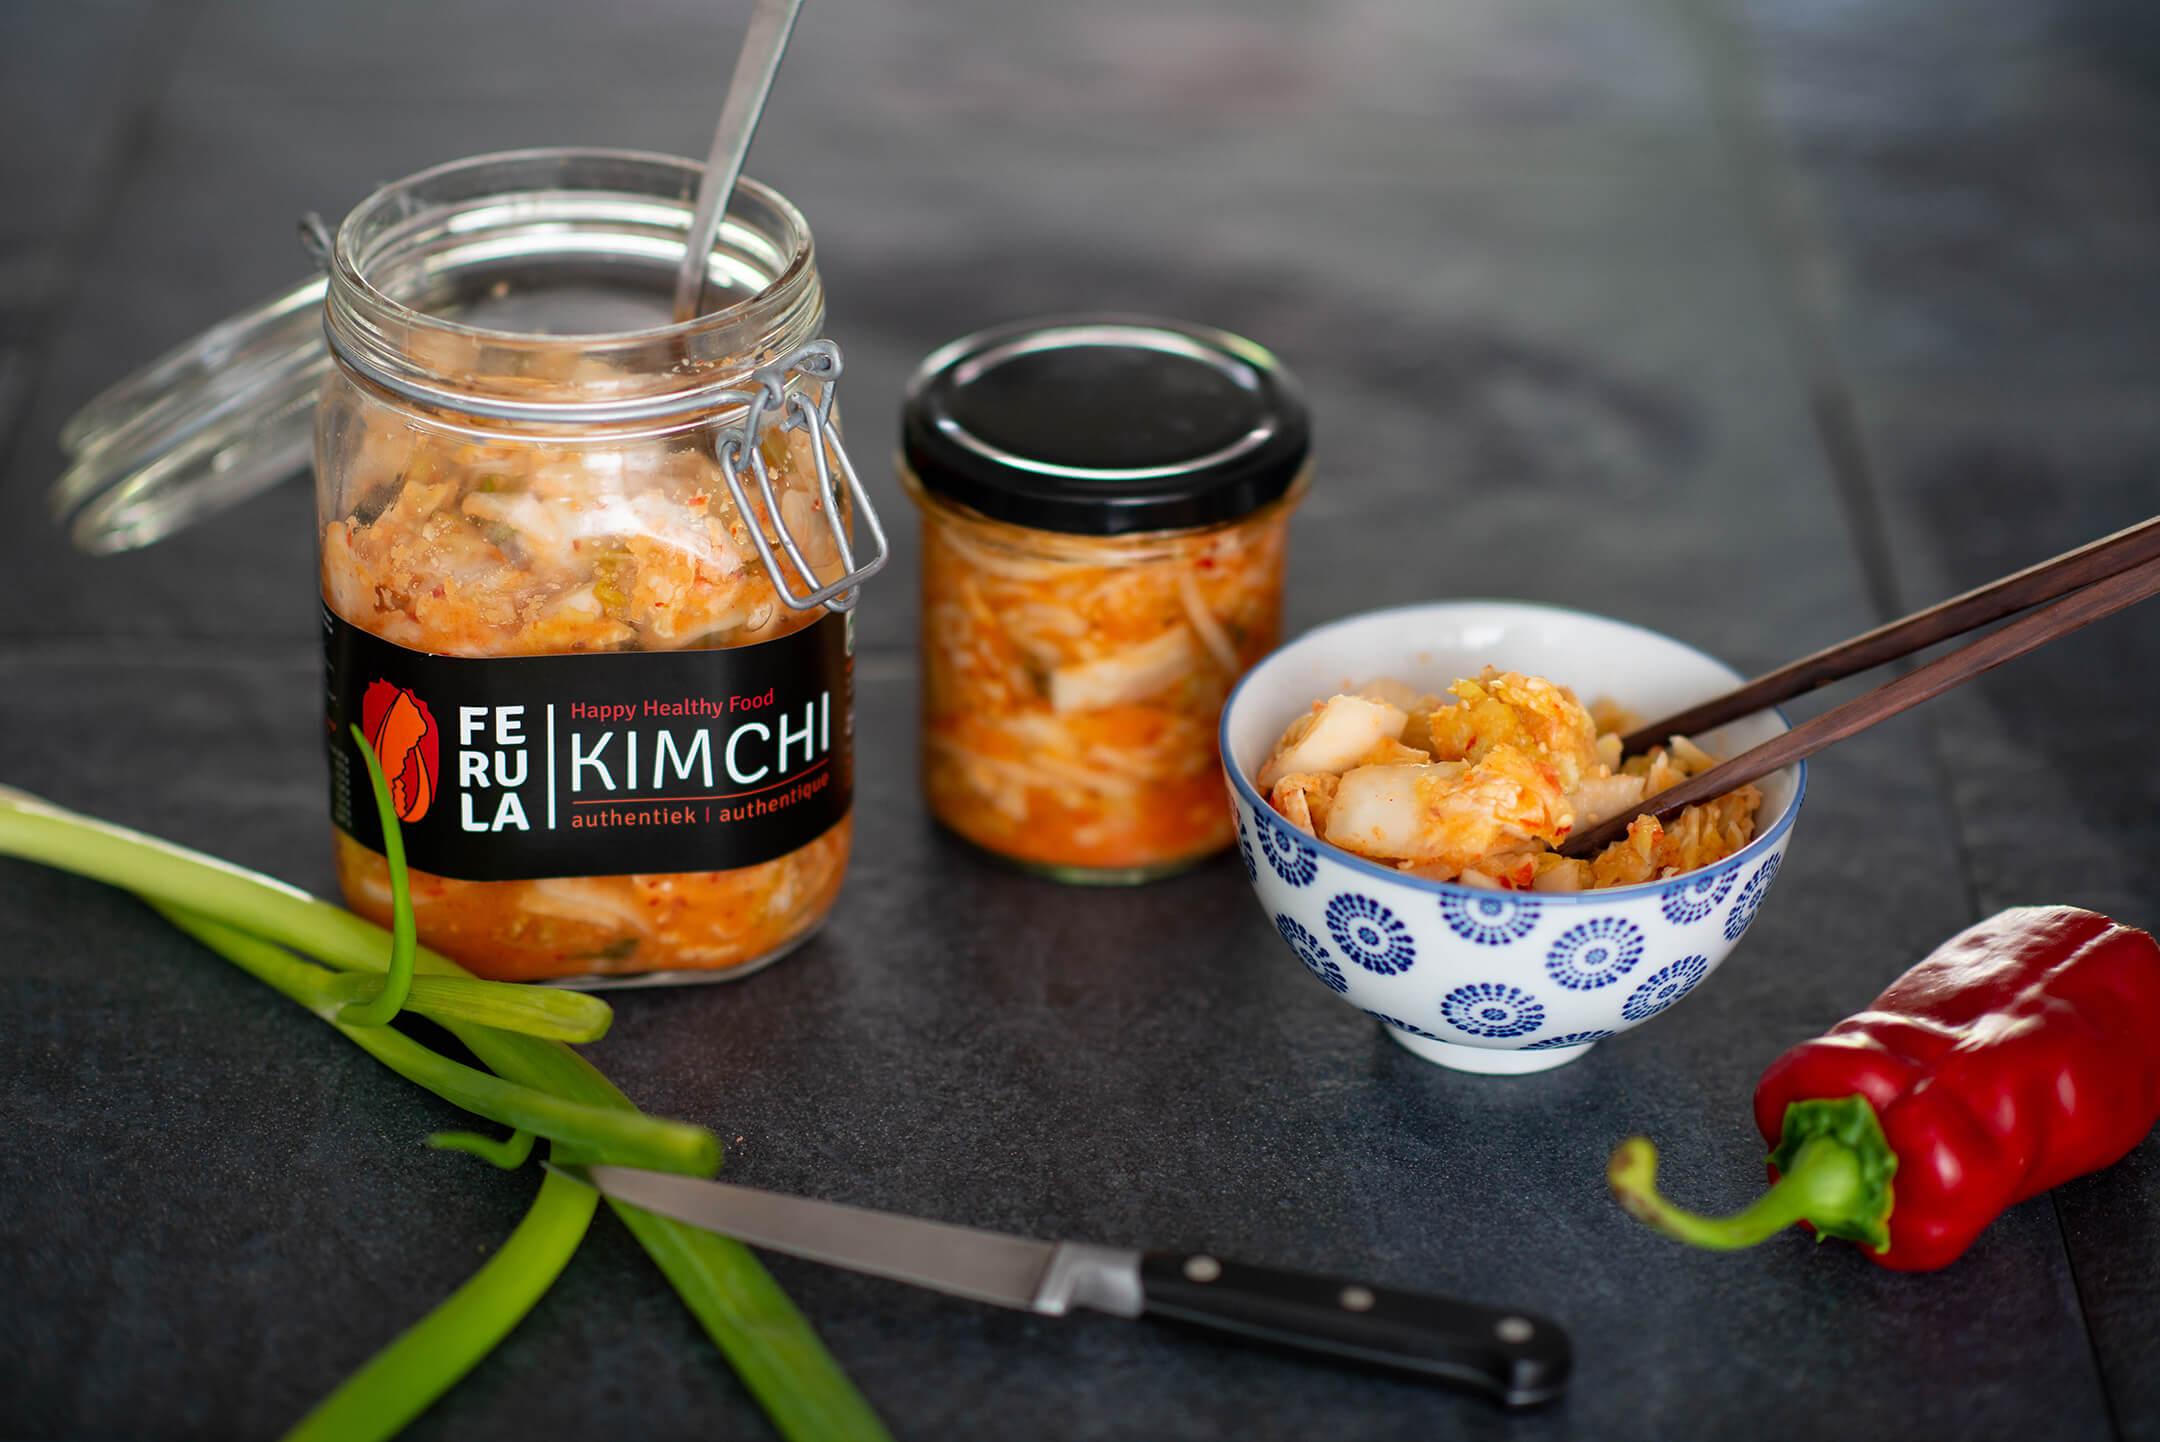 Gelukkig en gezond door het leven? Eet kimchi!